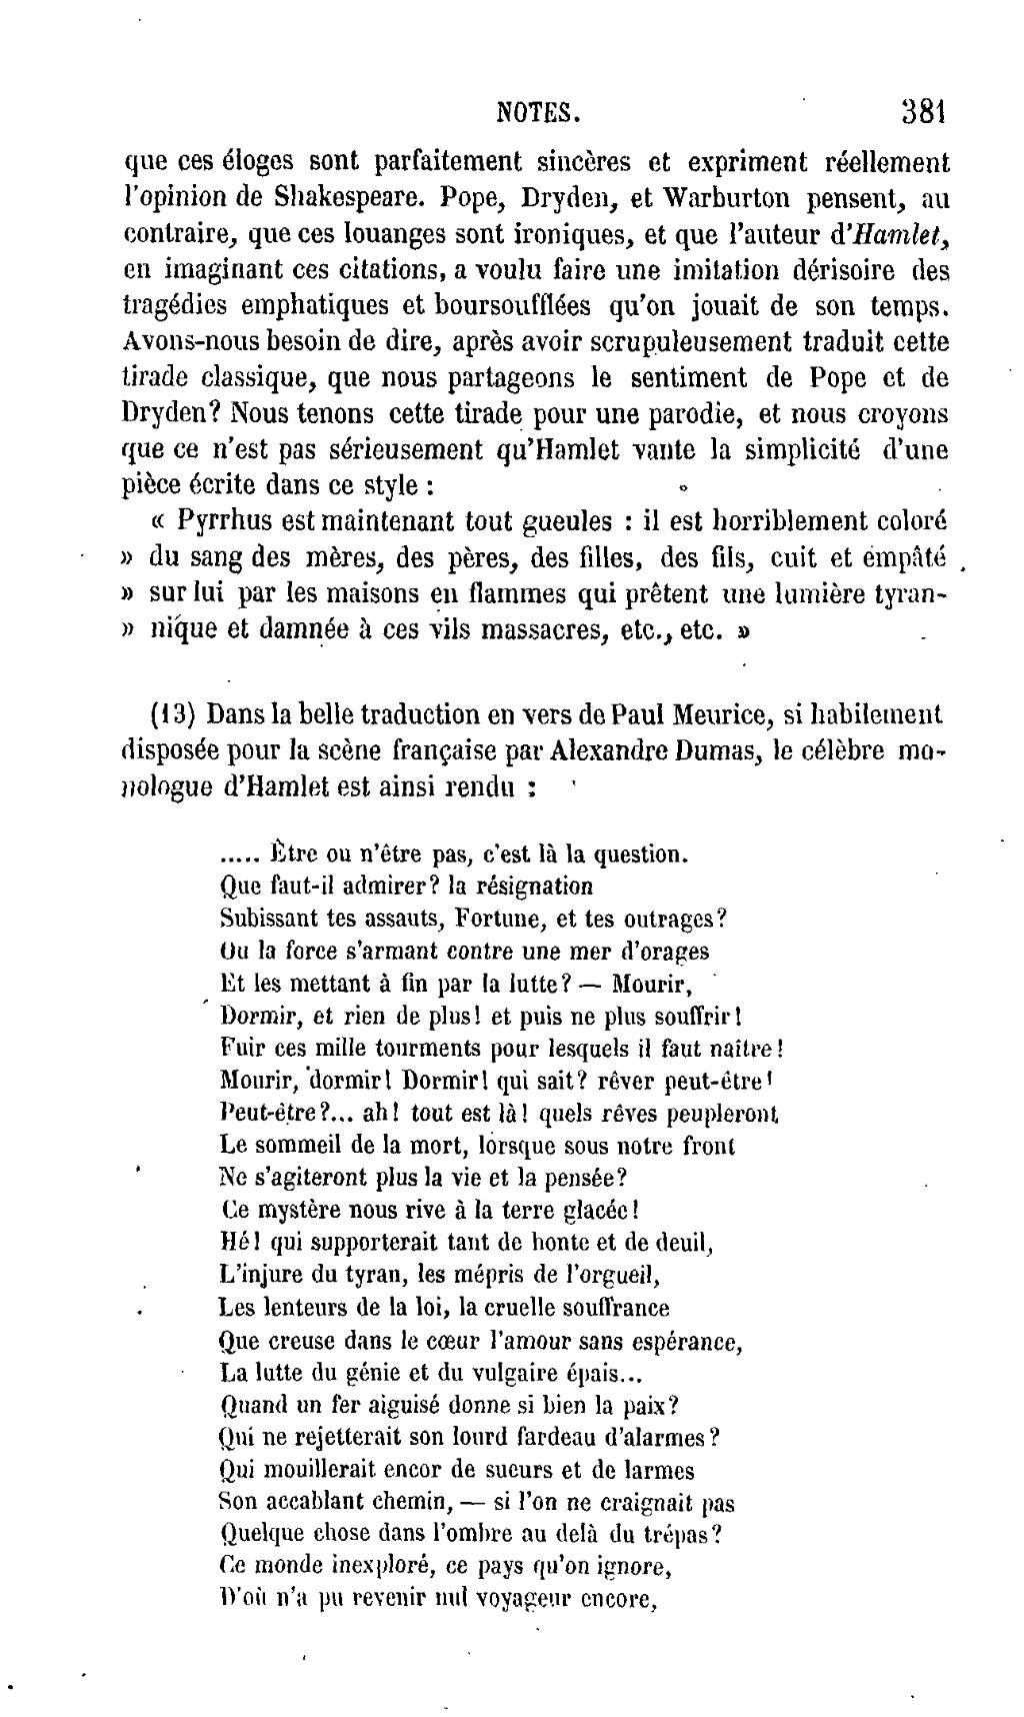 Hamlet être Ou Ne Pas être : hamlet, être, Page:Shakespeare, Œuvres, Complètes,, Traduction, Hugo,, Pagnerre,, 1865,, 1.djvu/379, Wikisource